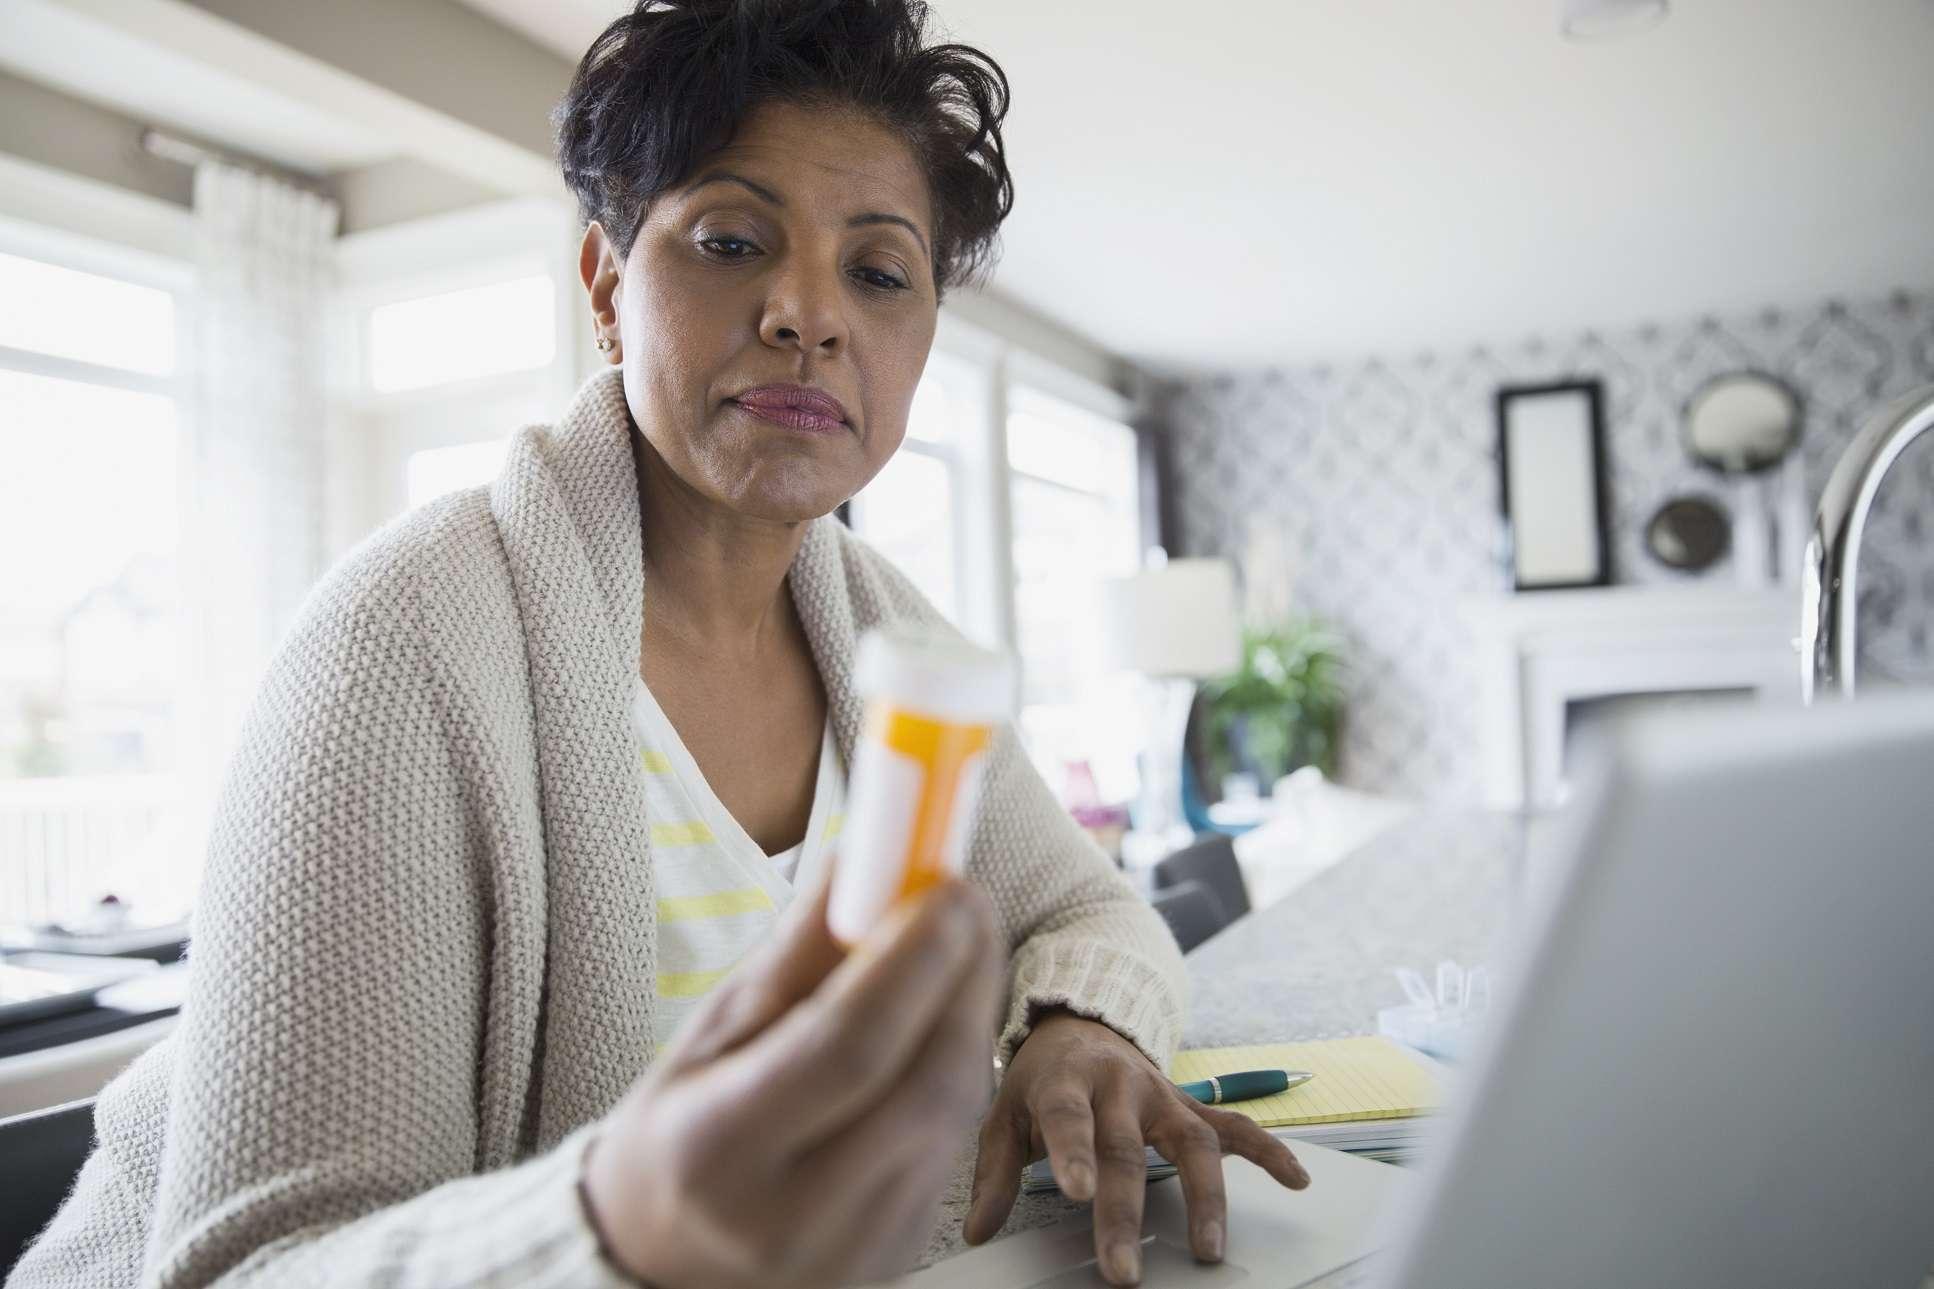 Older black women looking at a prescription drug bottle.